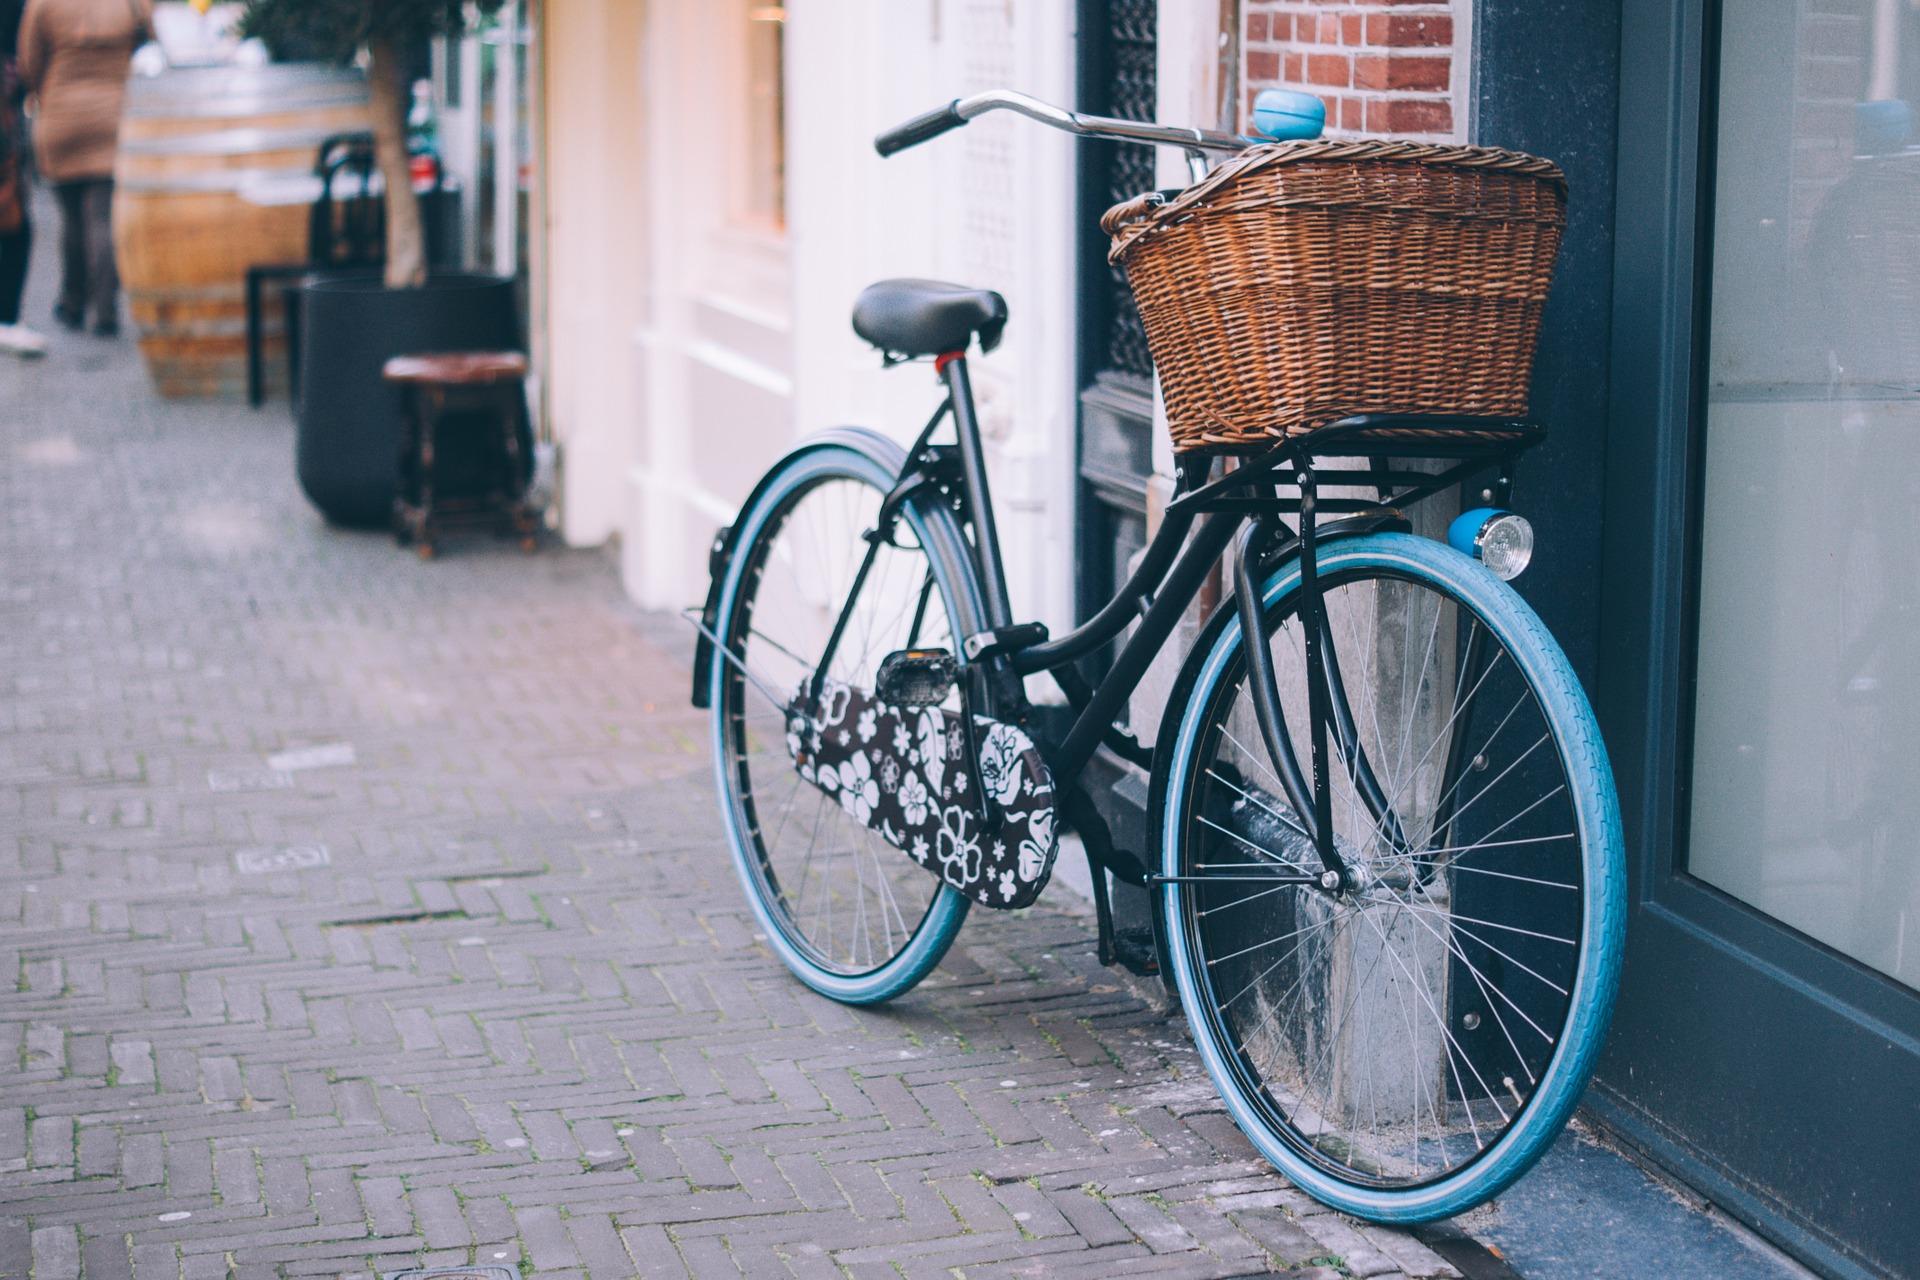 Dziś Dzień bez Samochodu! Dlaczego warto wybrać rower do codziennych podróży?